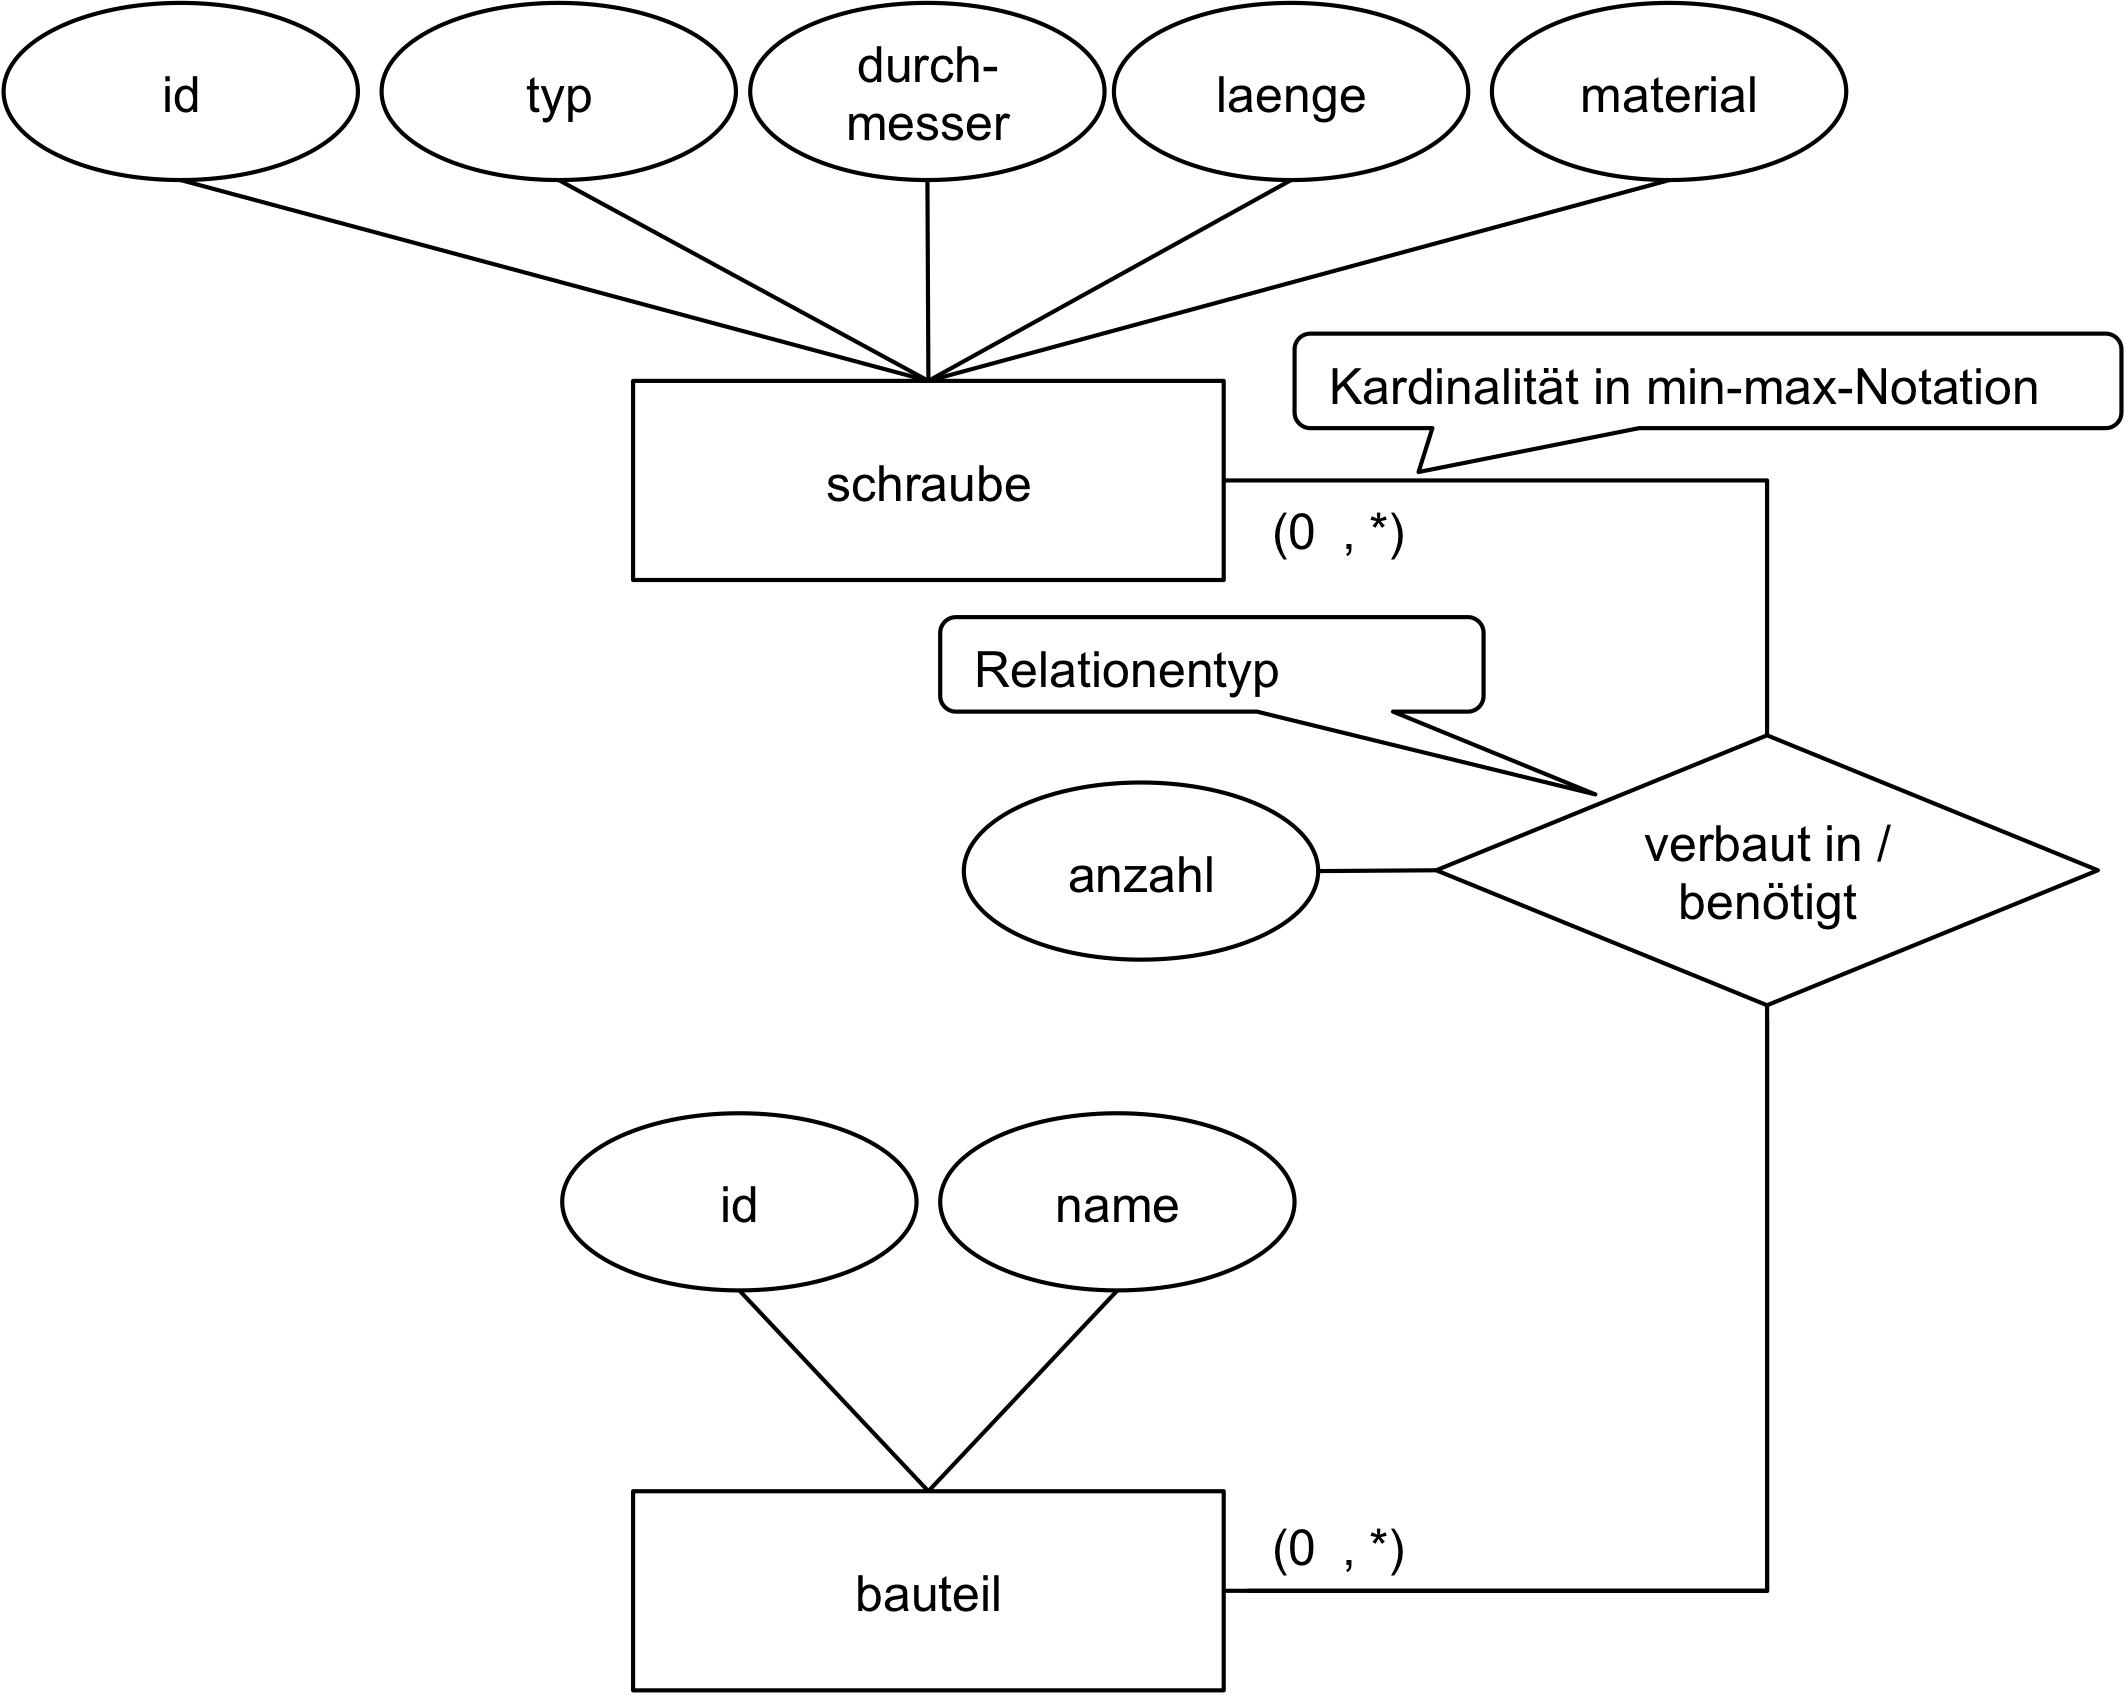 Daten Und Datenmodellierung (3) - Digitalisierung Und Natur inside Er Modell